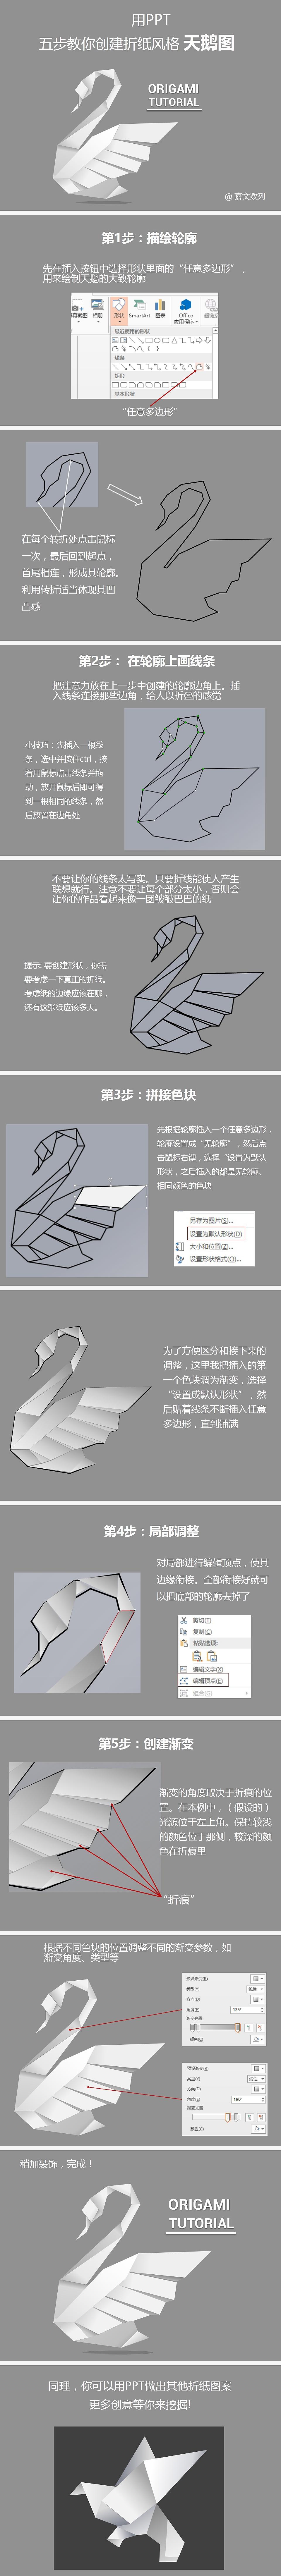 教程-教你用PPT做出高大上折纸风格图